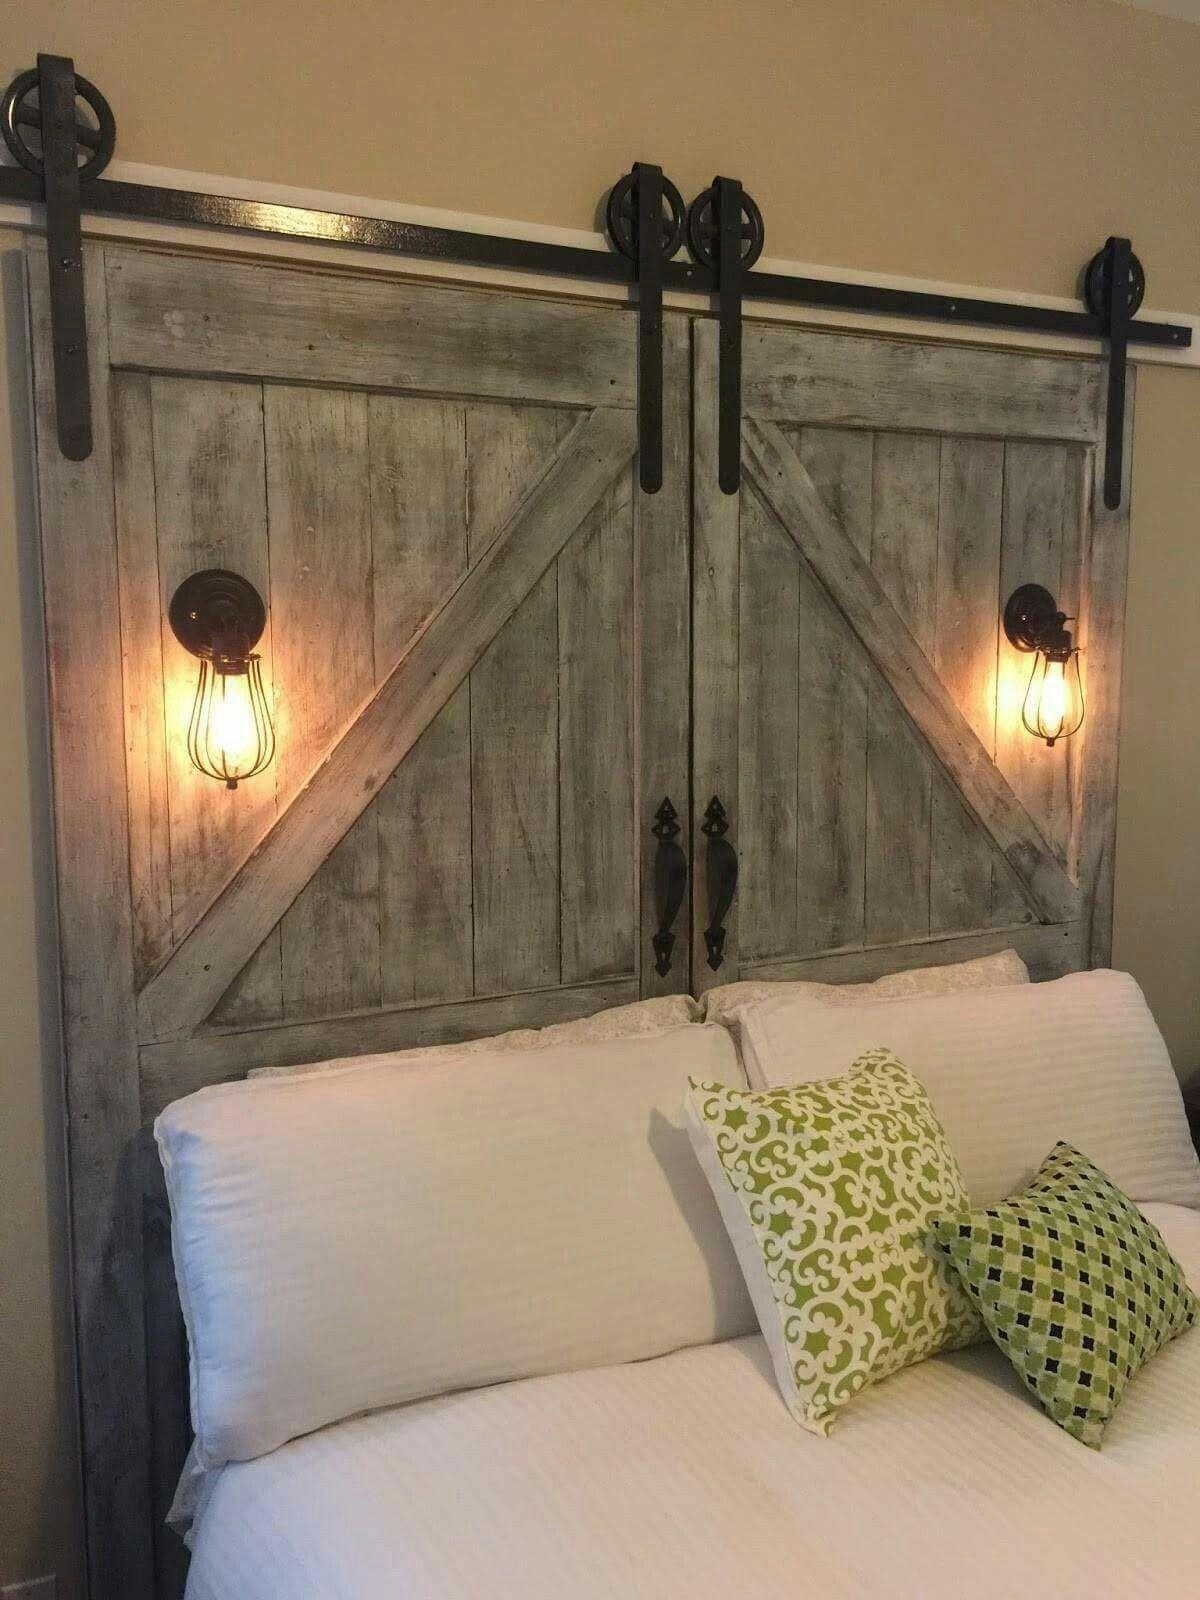 Pin de Christine Owens en house plans & ideas | Pinterest | Puertas ...